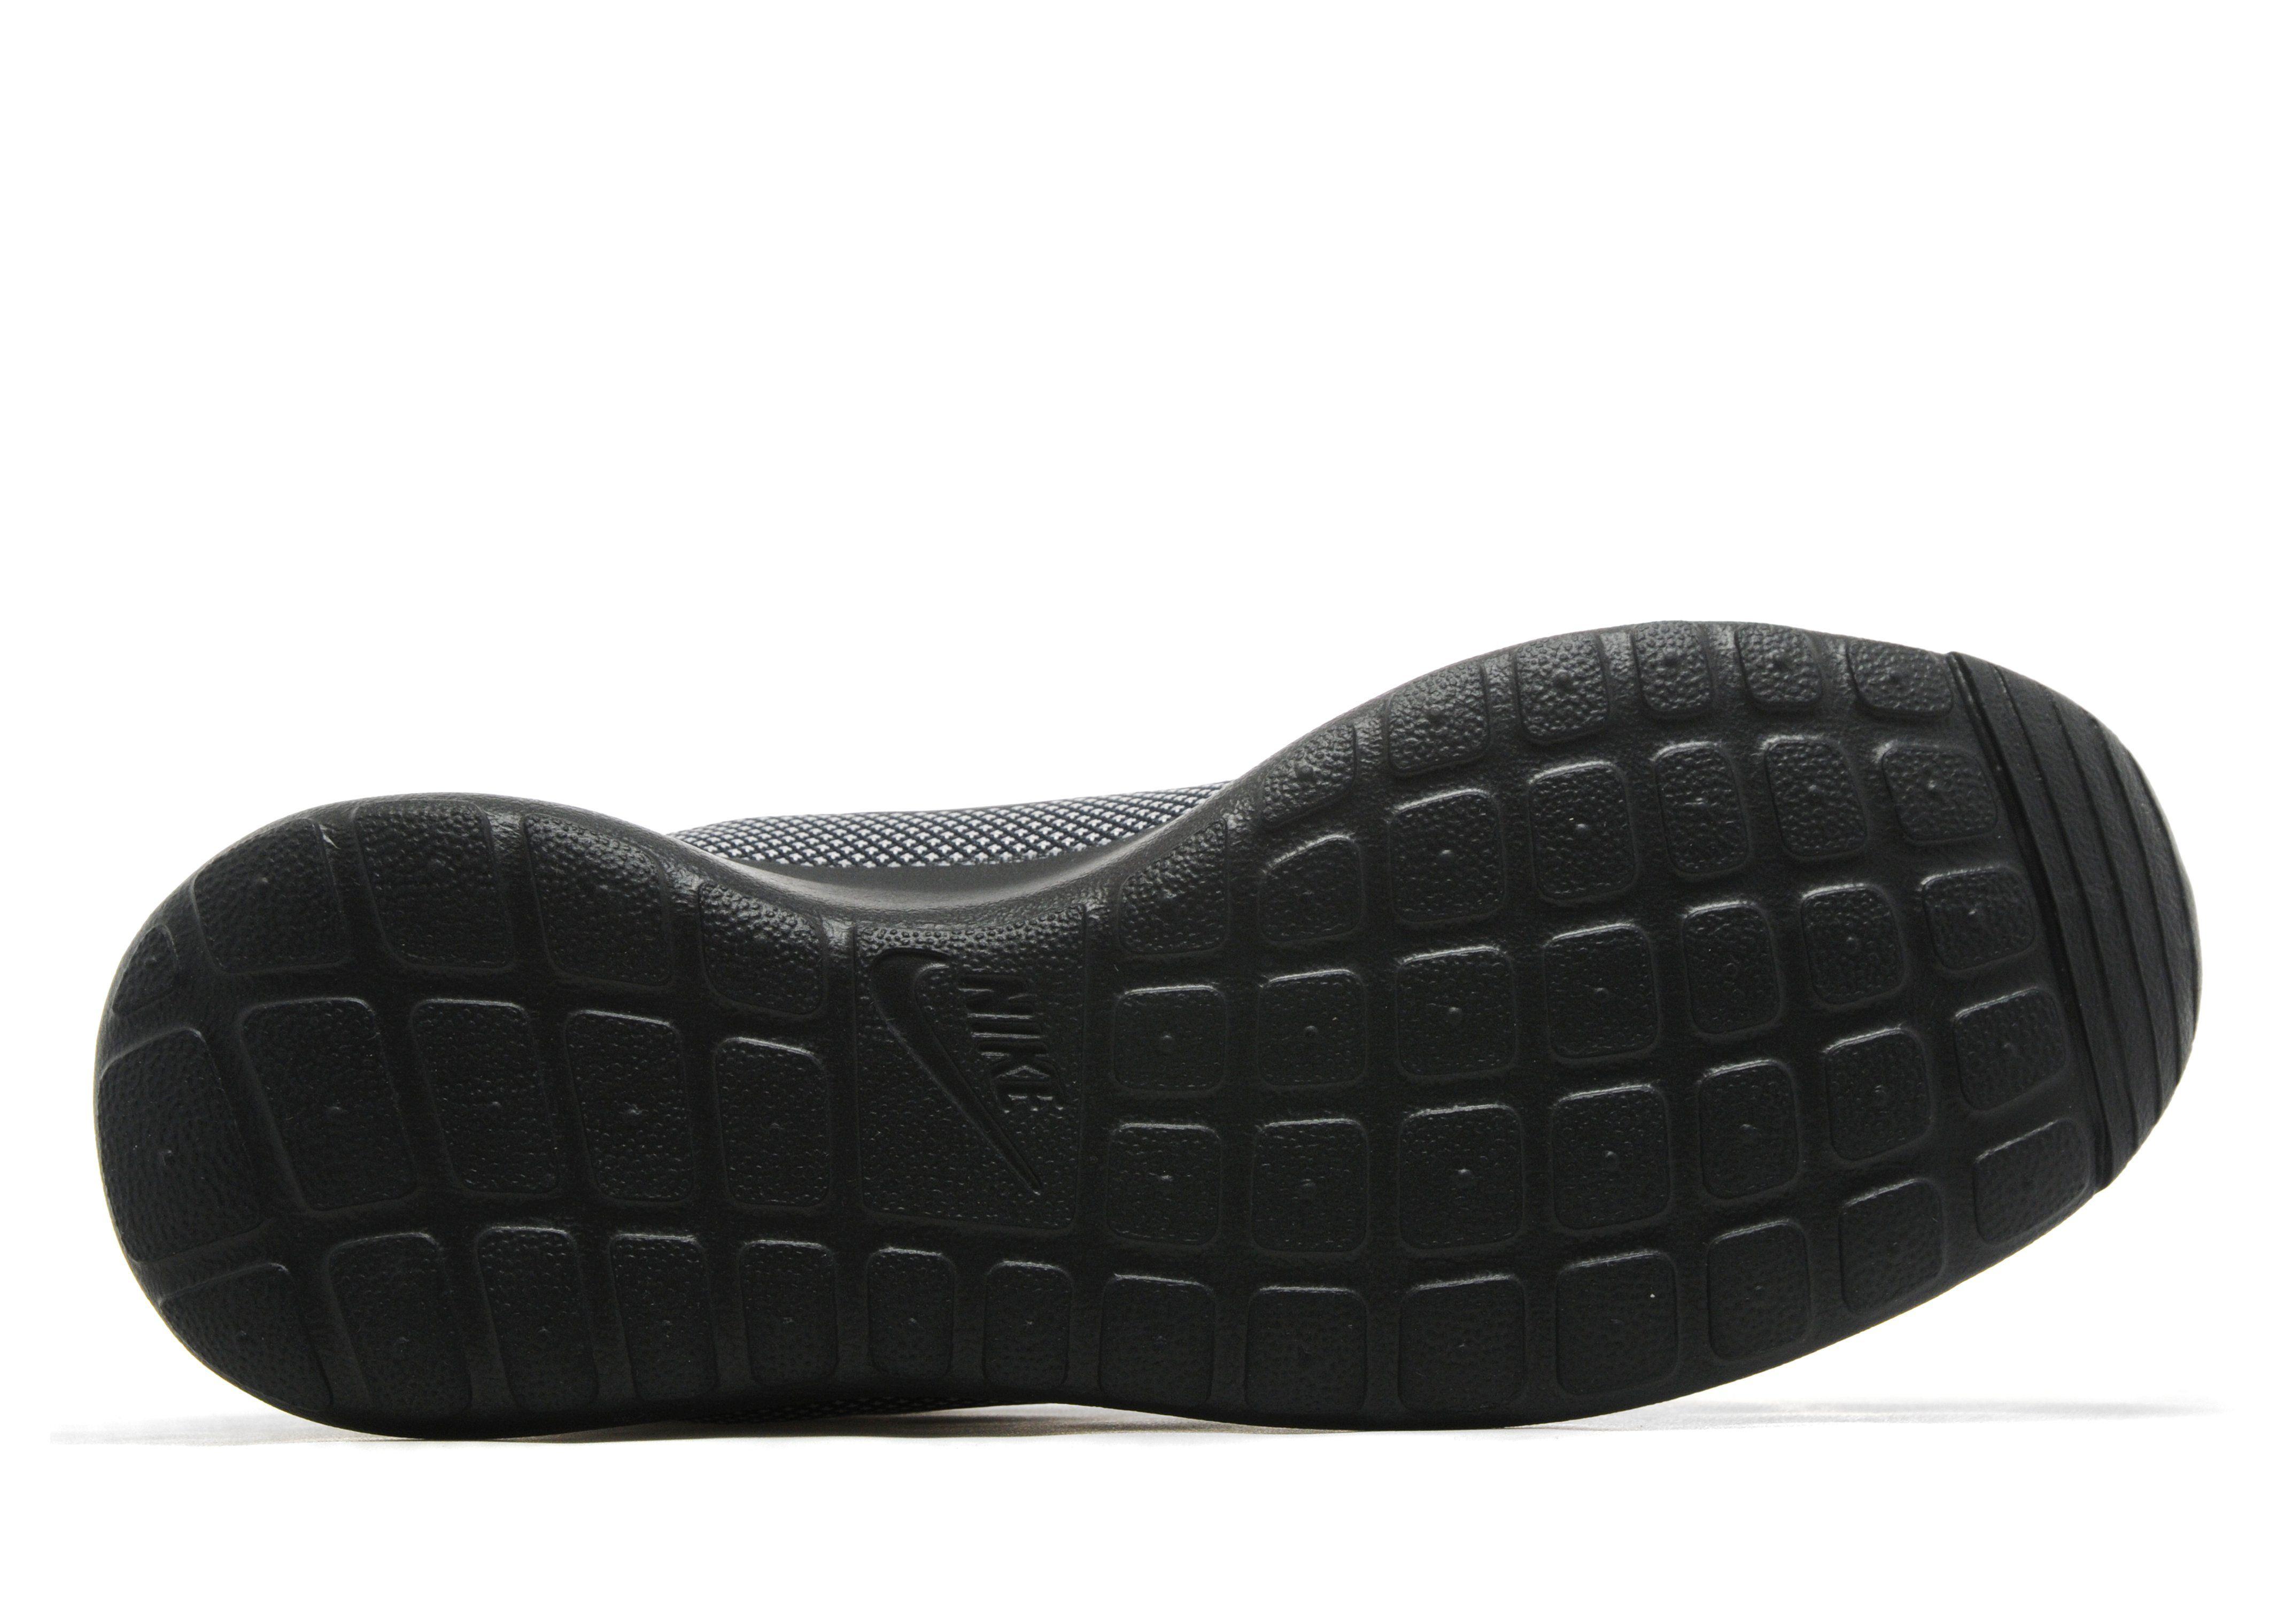 Nike Roshe One Premium | JD Sports